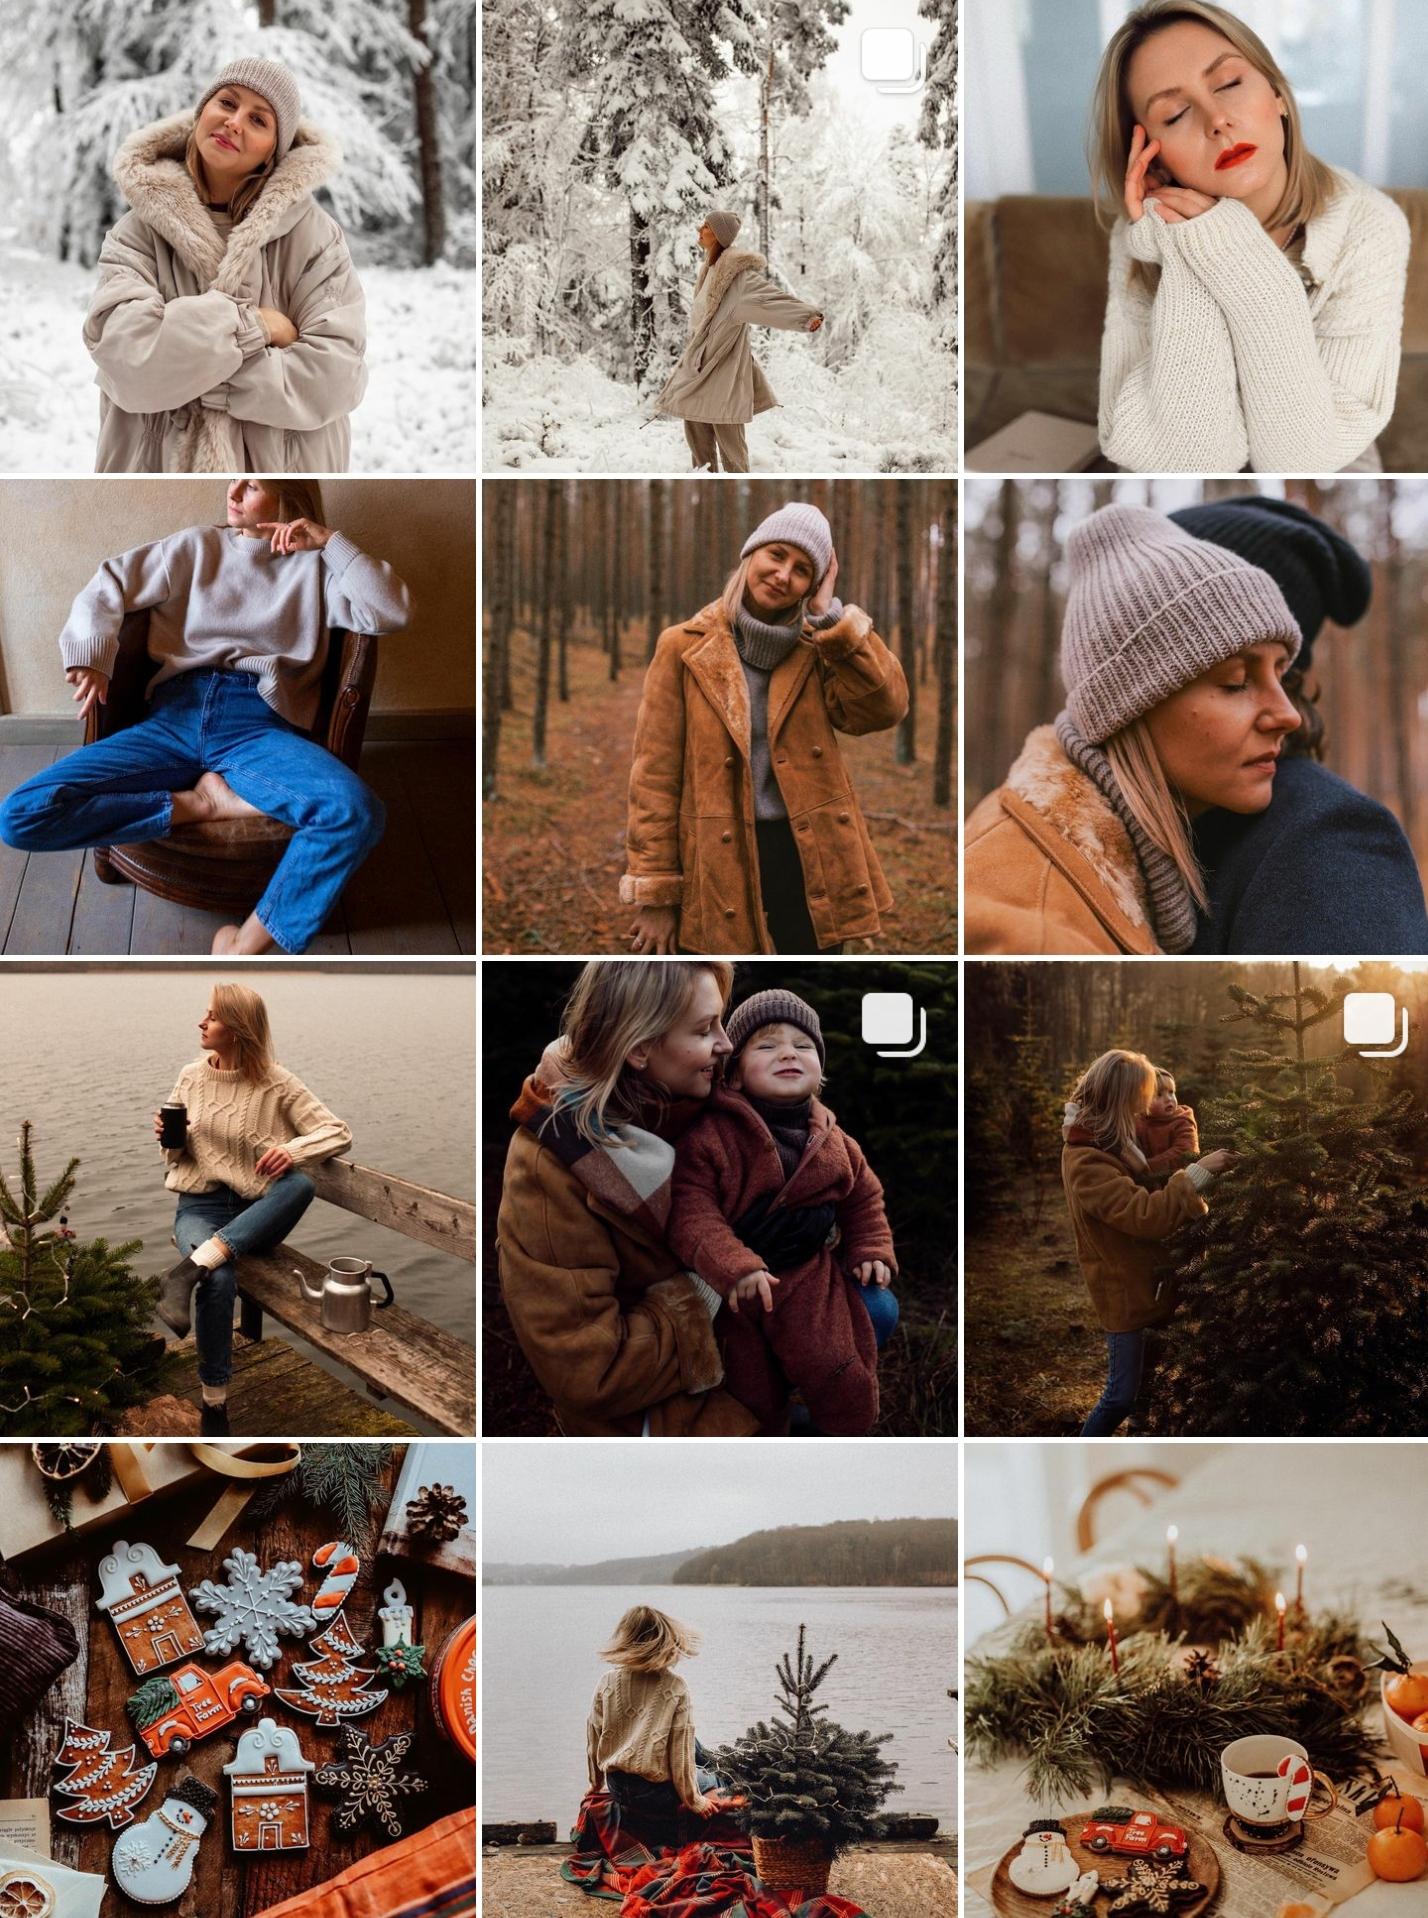 instagram jakie profile warto obserwować